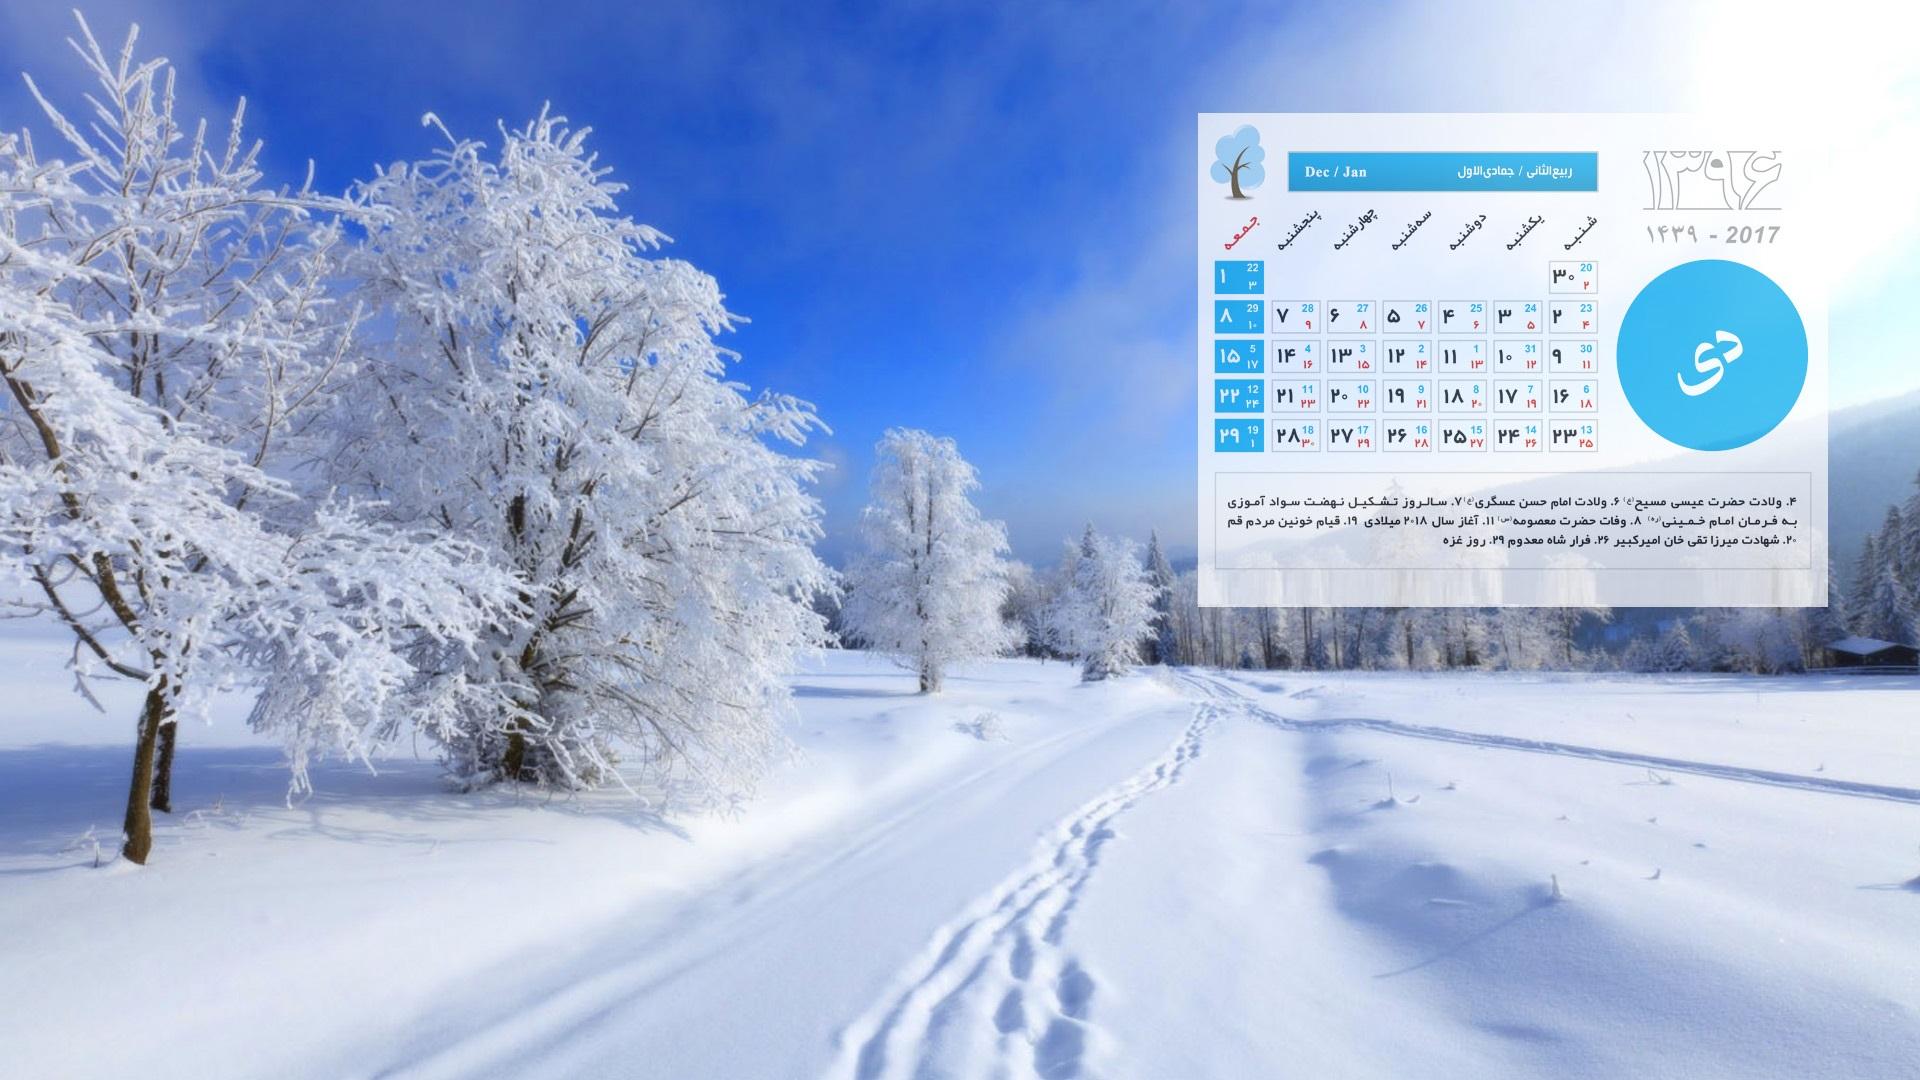 دانلود تقویم سال 1396 با پس زمینه طبیعت با کیفیت HD